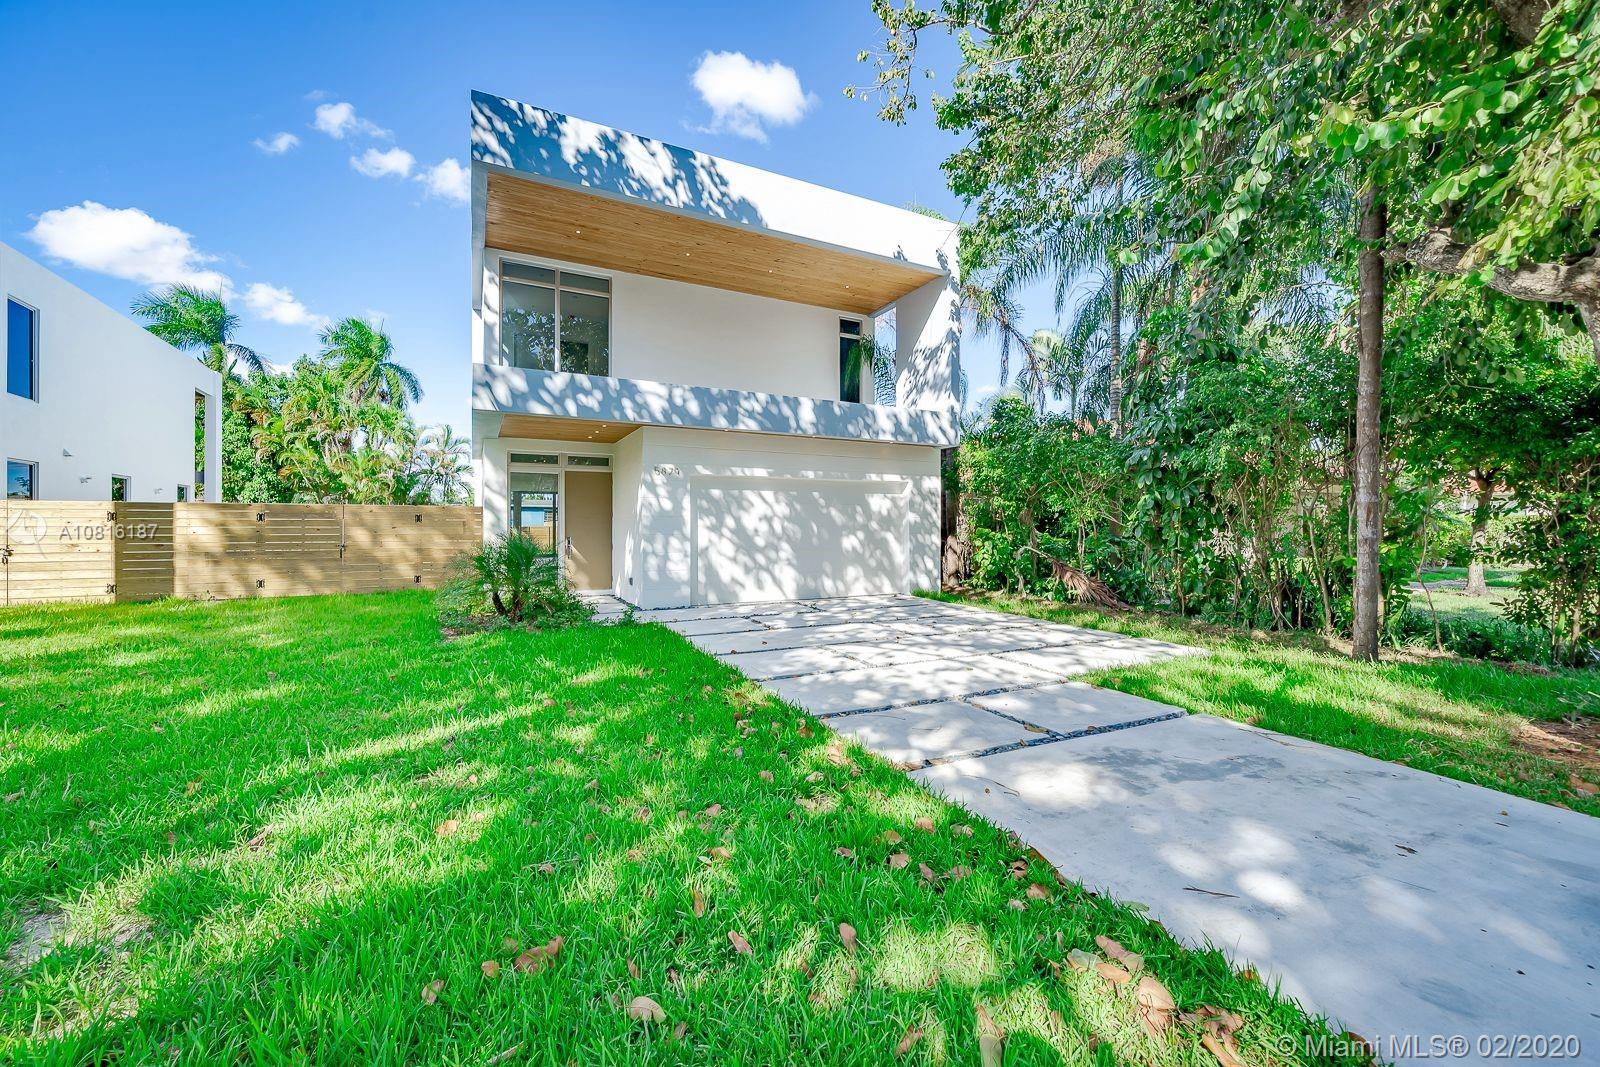 5879 SW 25th St, Miami, FL 33155